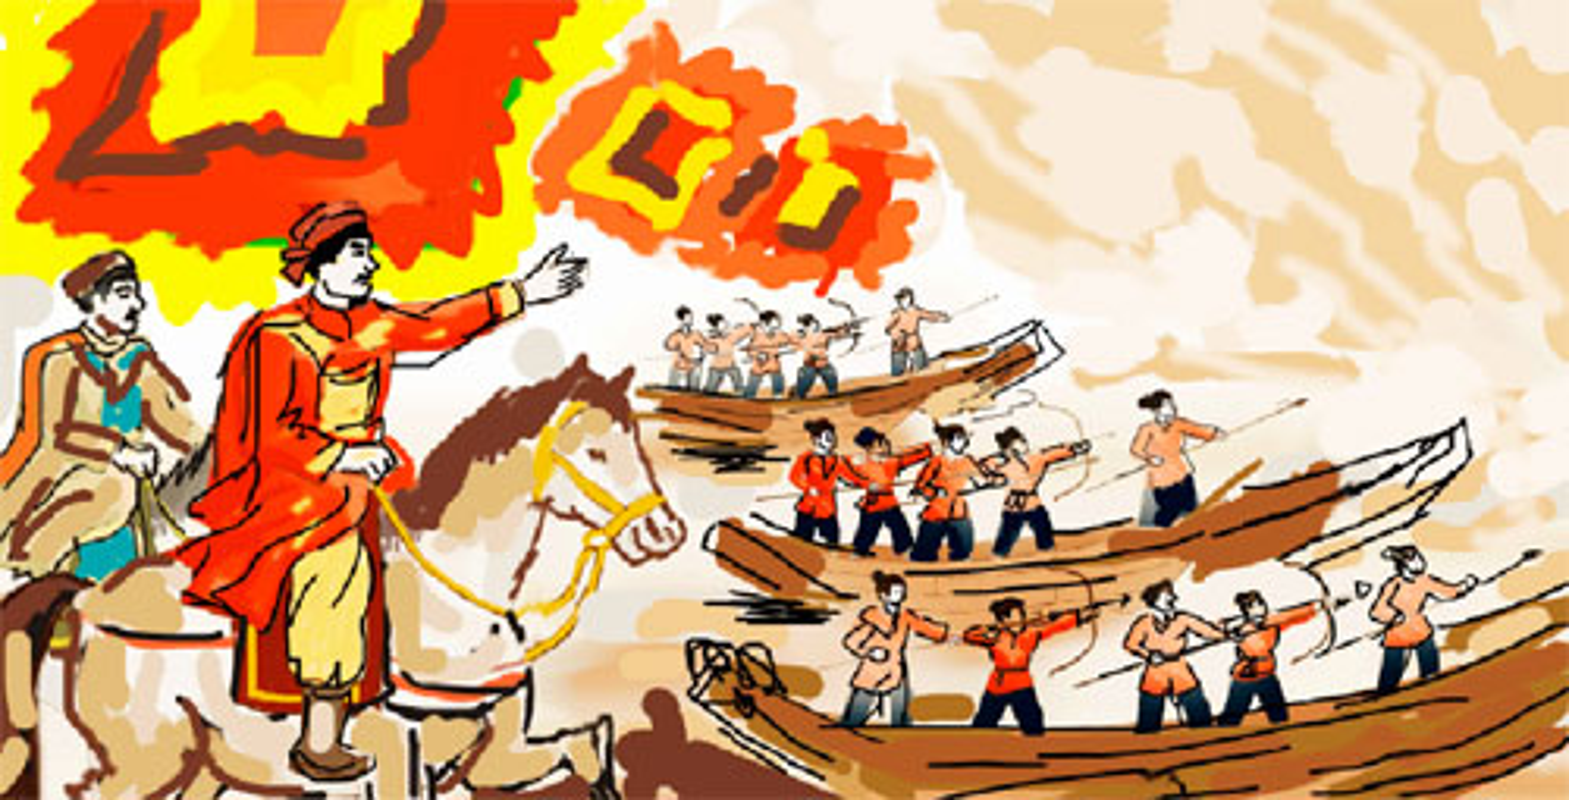 Khong noi tieng nhu anh trai Nguyen Hue, Nguyen Lu co tai gi?-Hinh-10